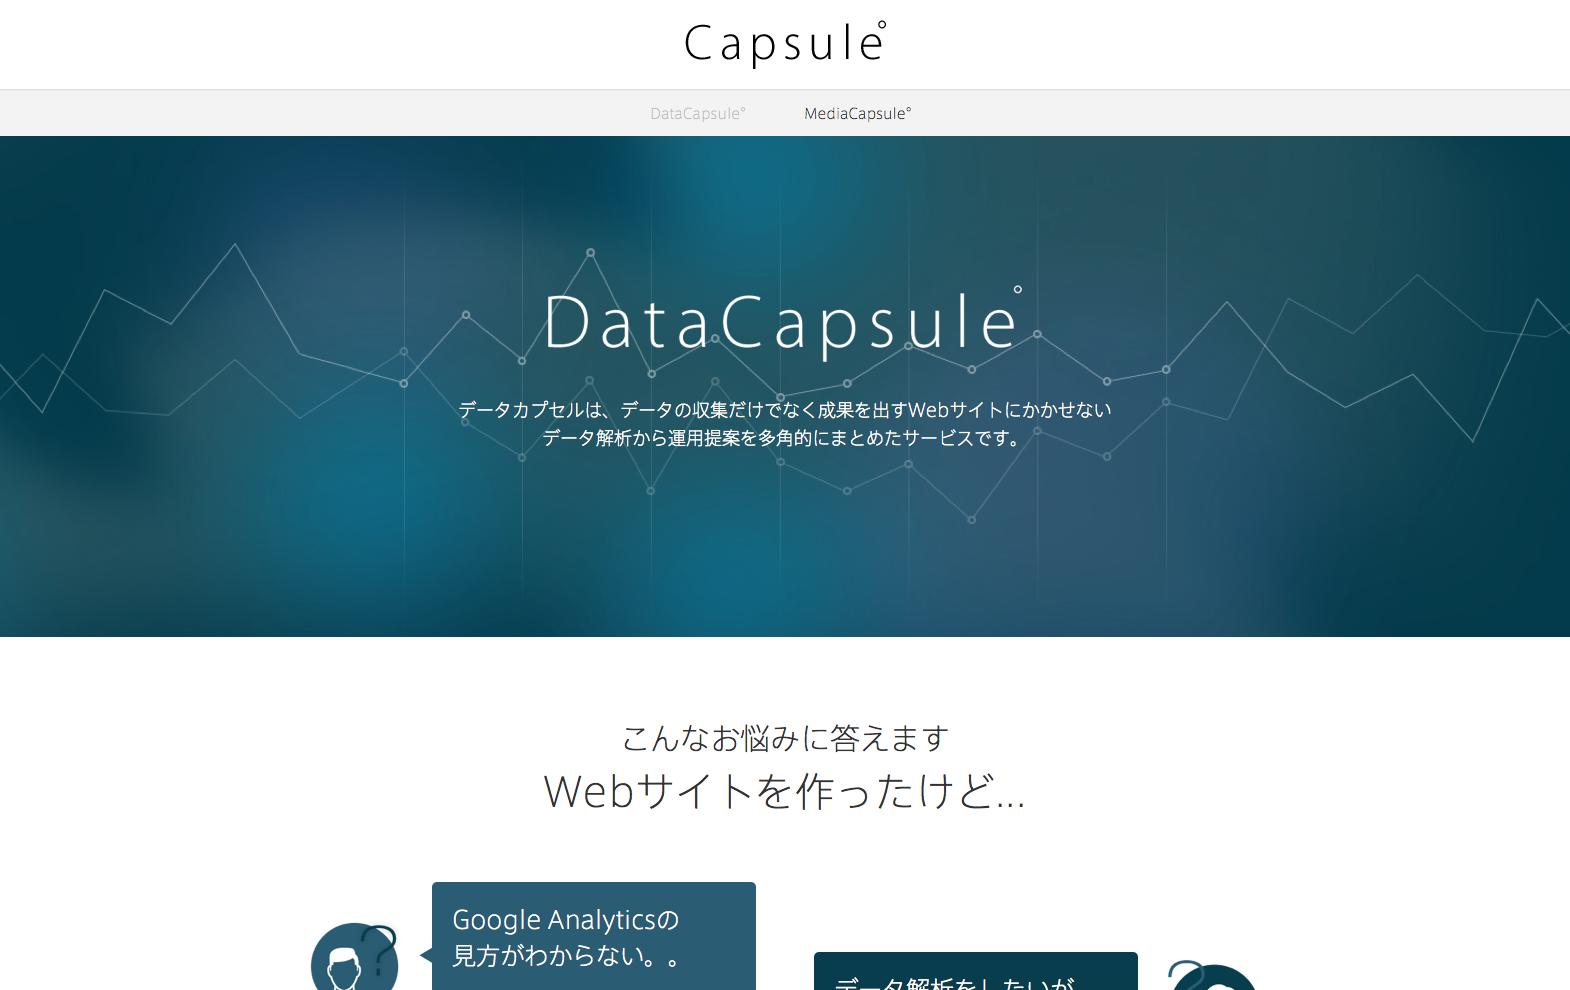 datacapsule